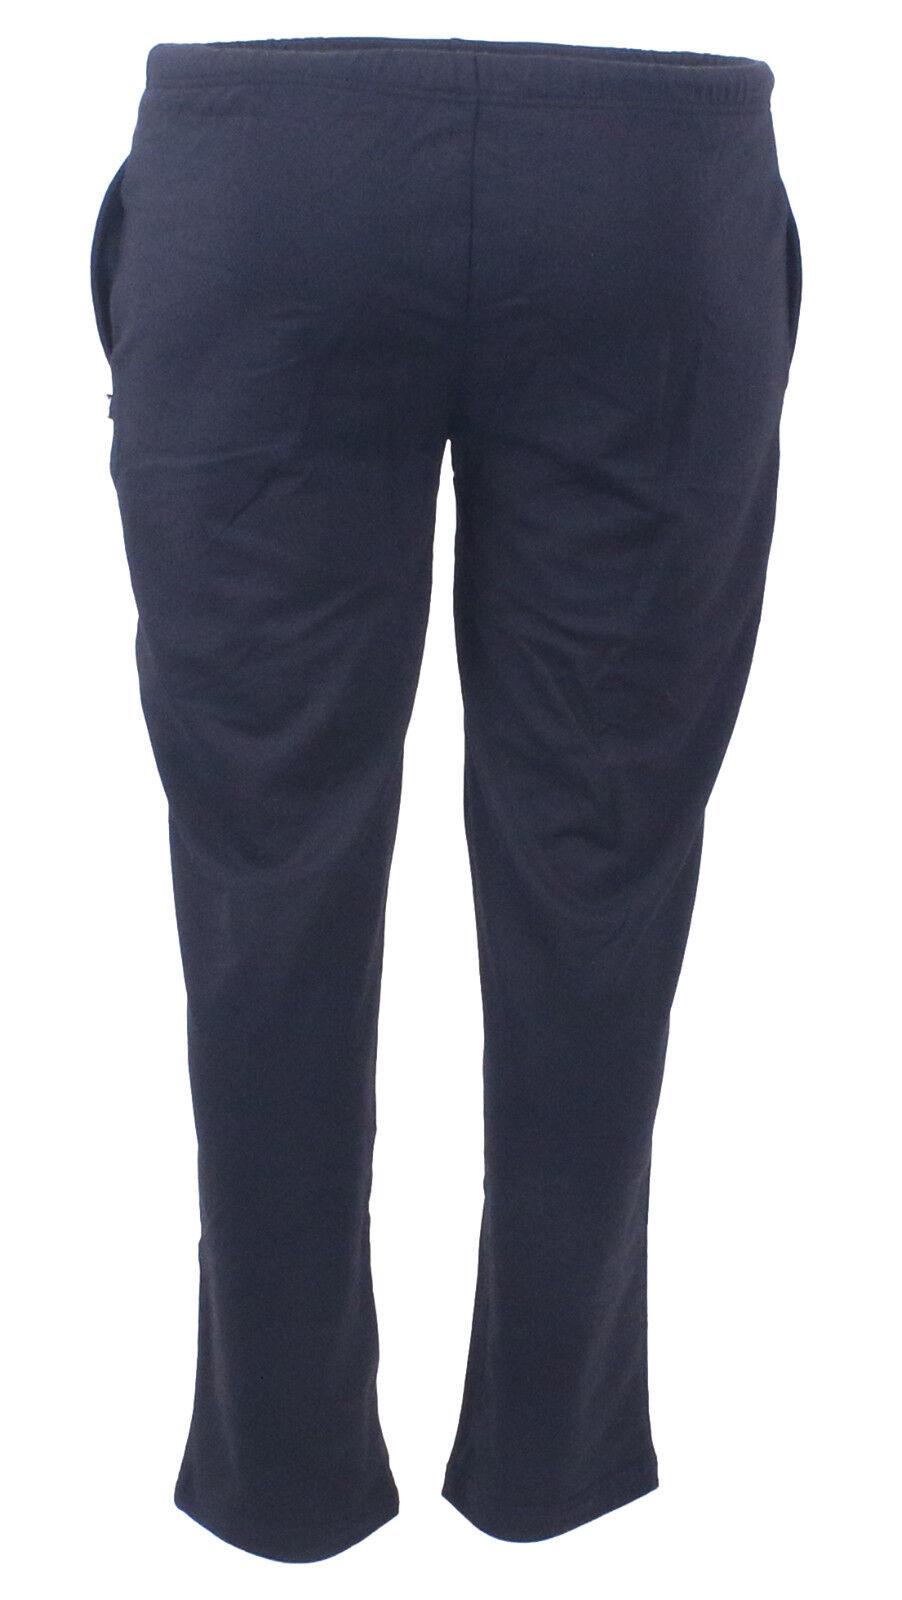 Trainingshose Jogginghose für Damen schwarz Größe 20-54 20-54 20-54 | Ausgezeichnetes Preis  | Stabile Qualität  | Vielfältiges neues Design  12e938